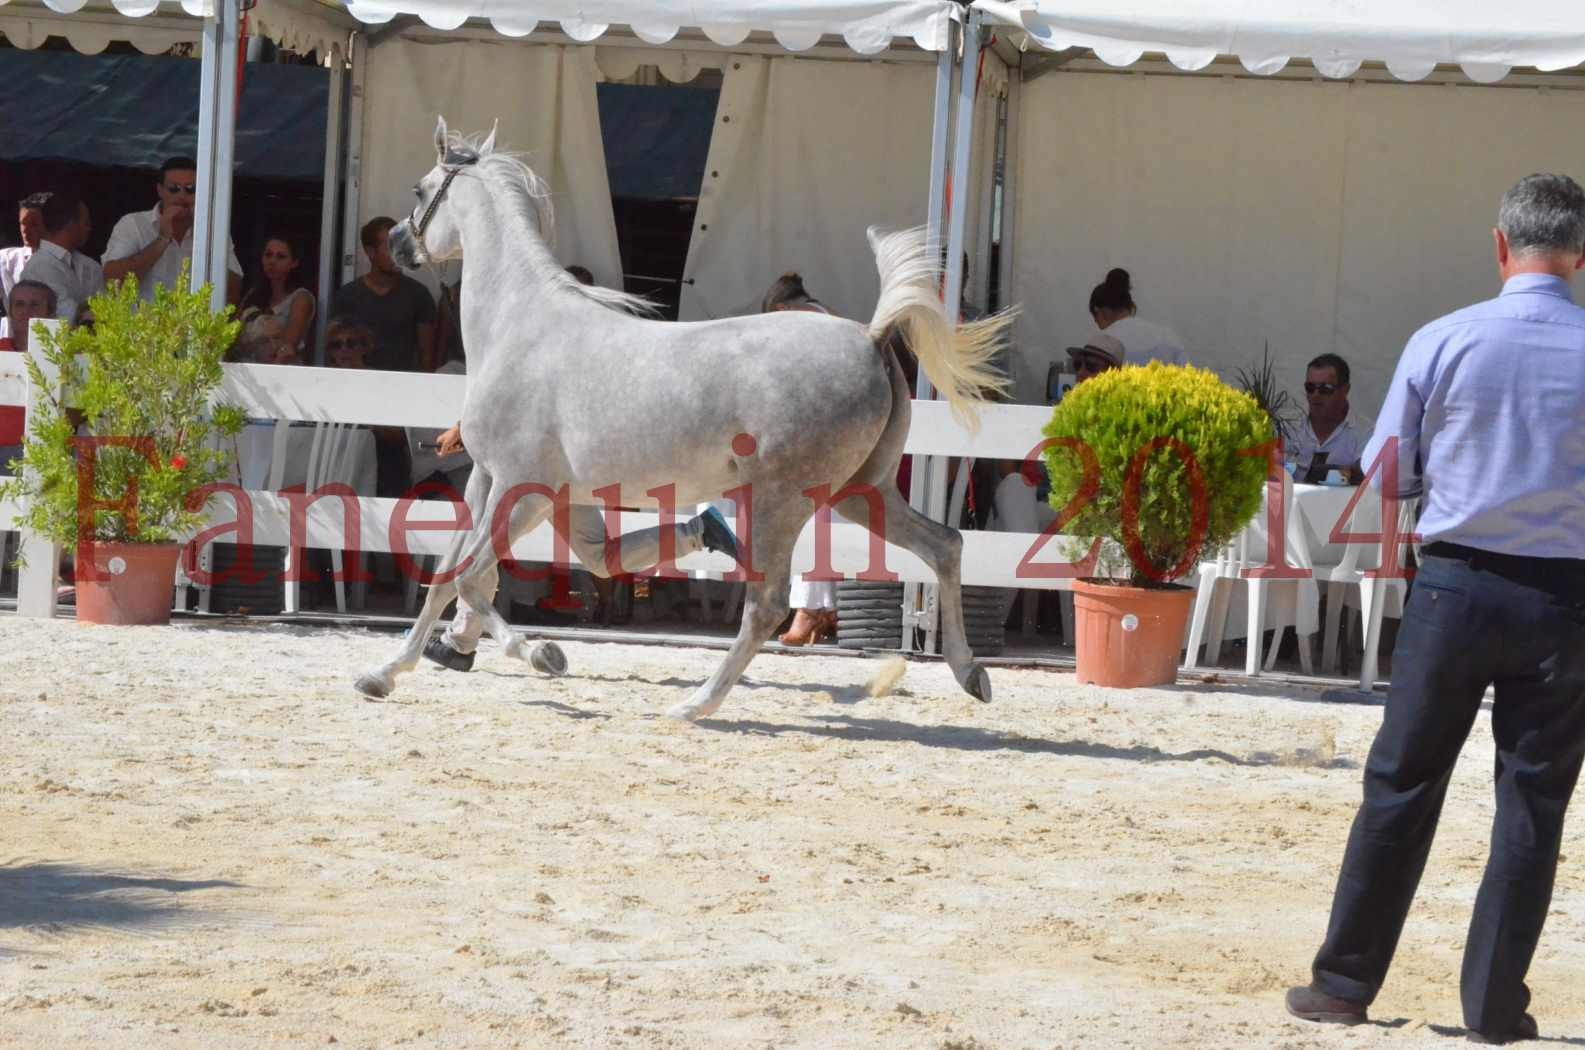 Concours national de Nîmes 2014 - Championnat Femelles Juniors - VOLODIA DE LAFON - 08